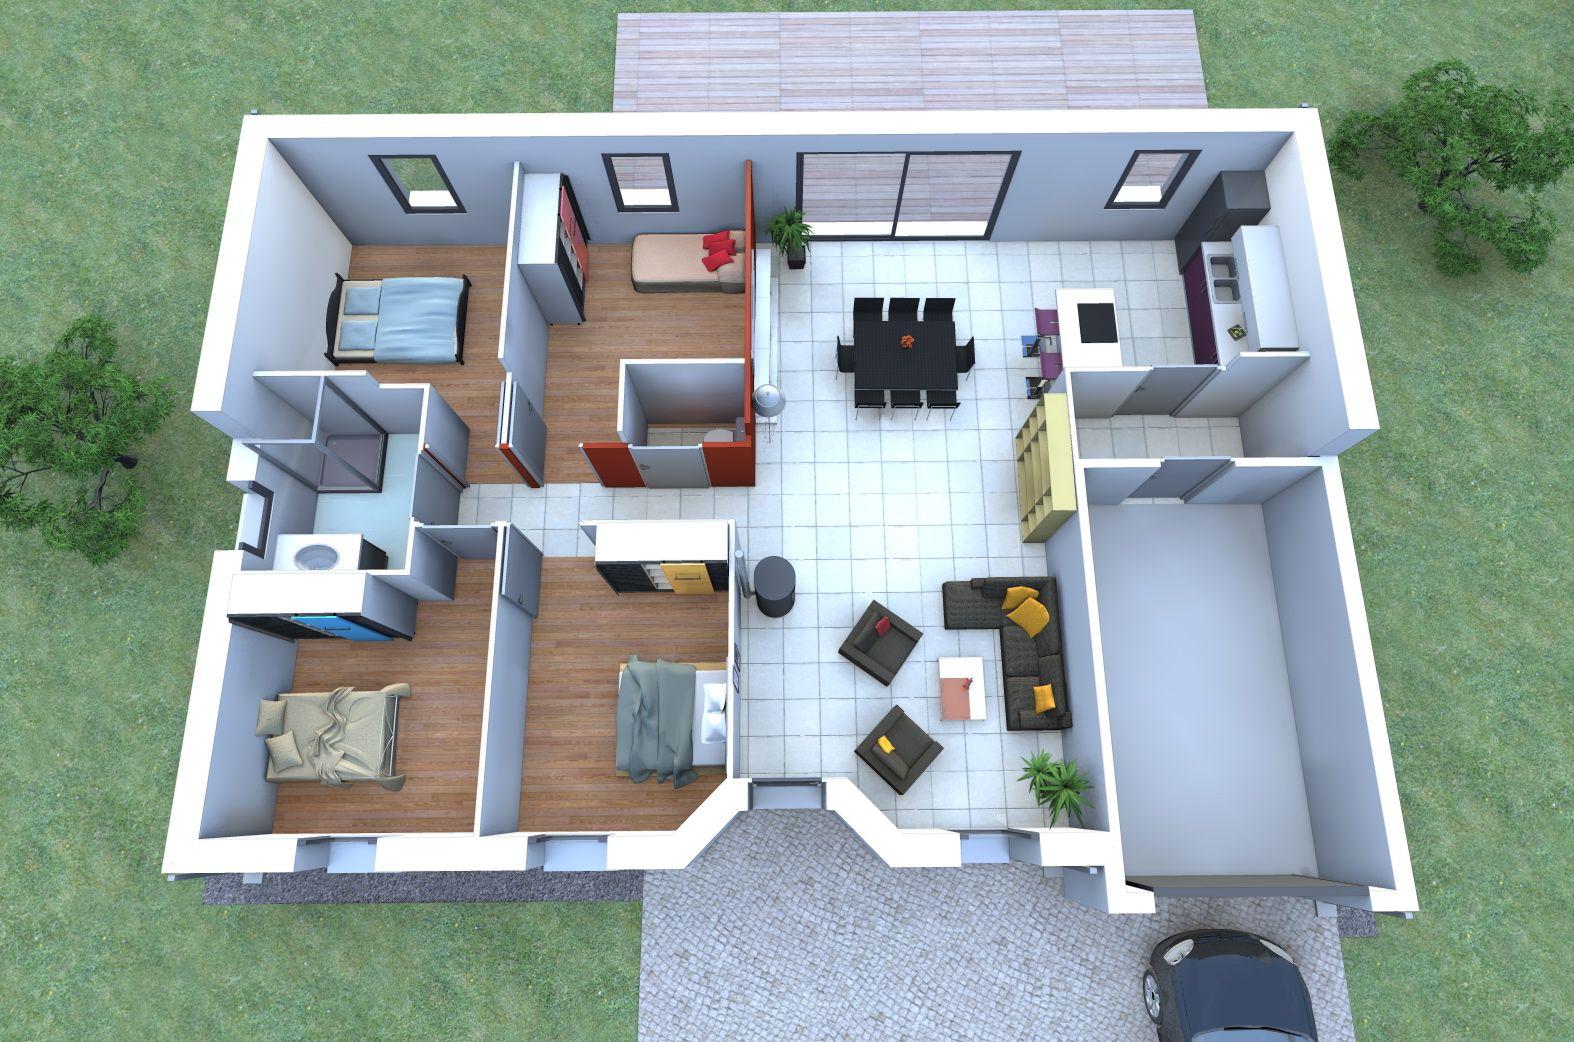 imaginez votre maison 4 chambres garage disposez vos meubles lintrieur et